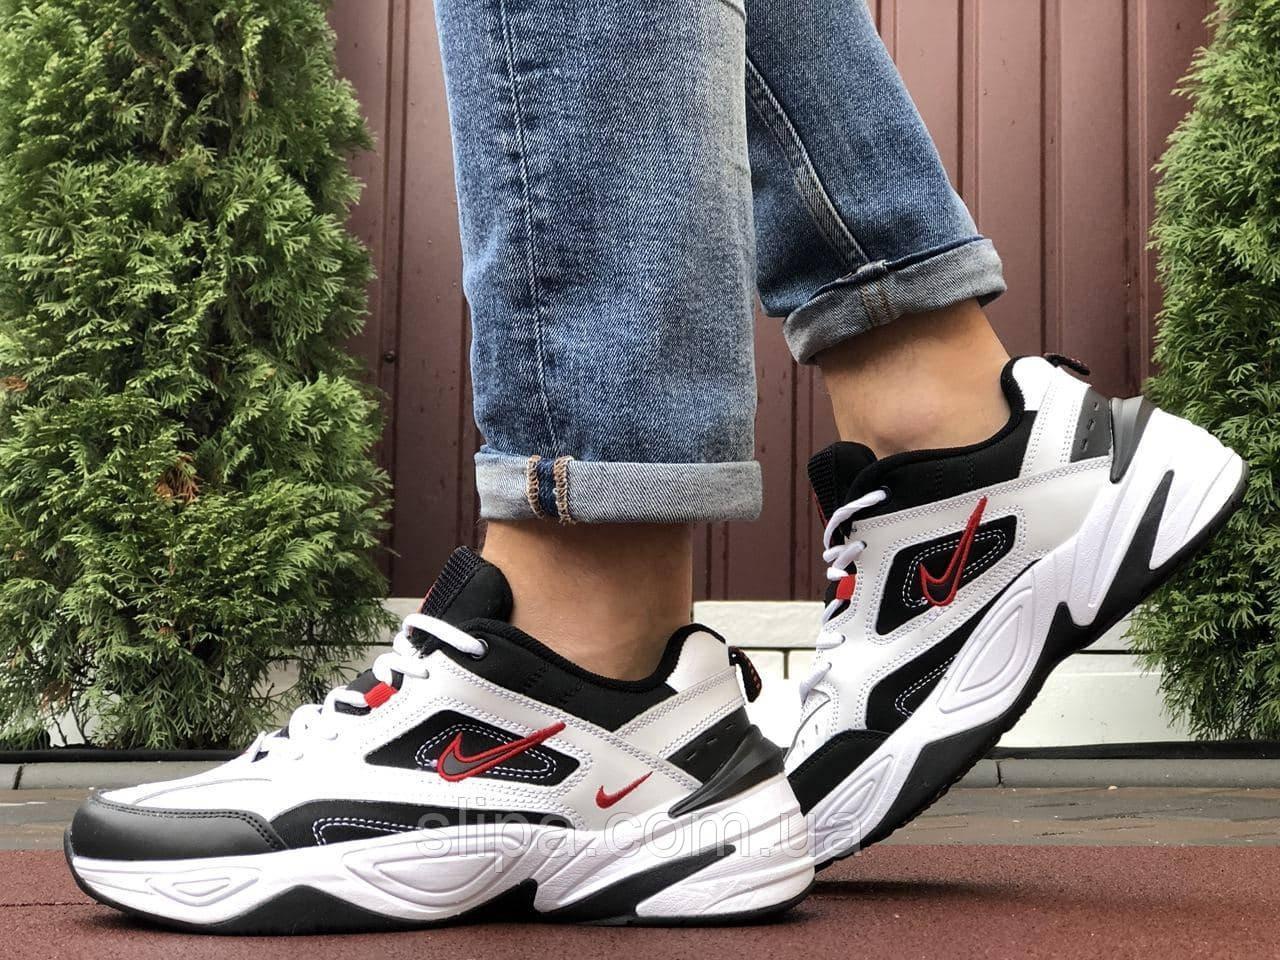 Мужские кожаные кроссовки Nike M2K Tekno белые с чёрным (красный логотип)